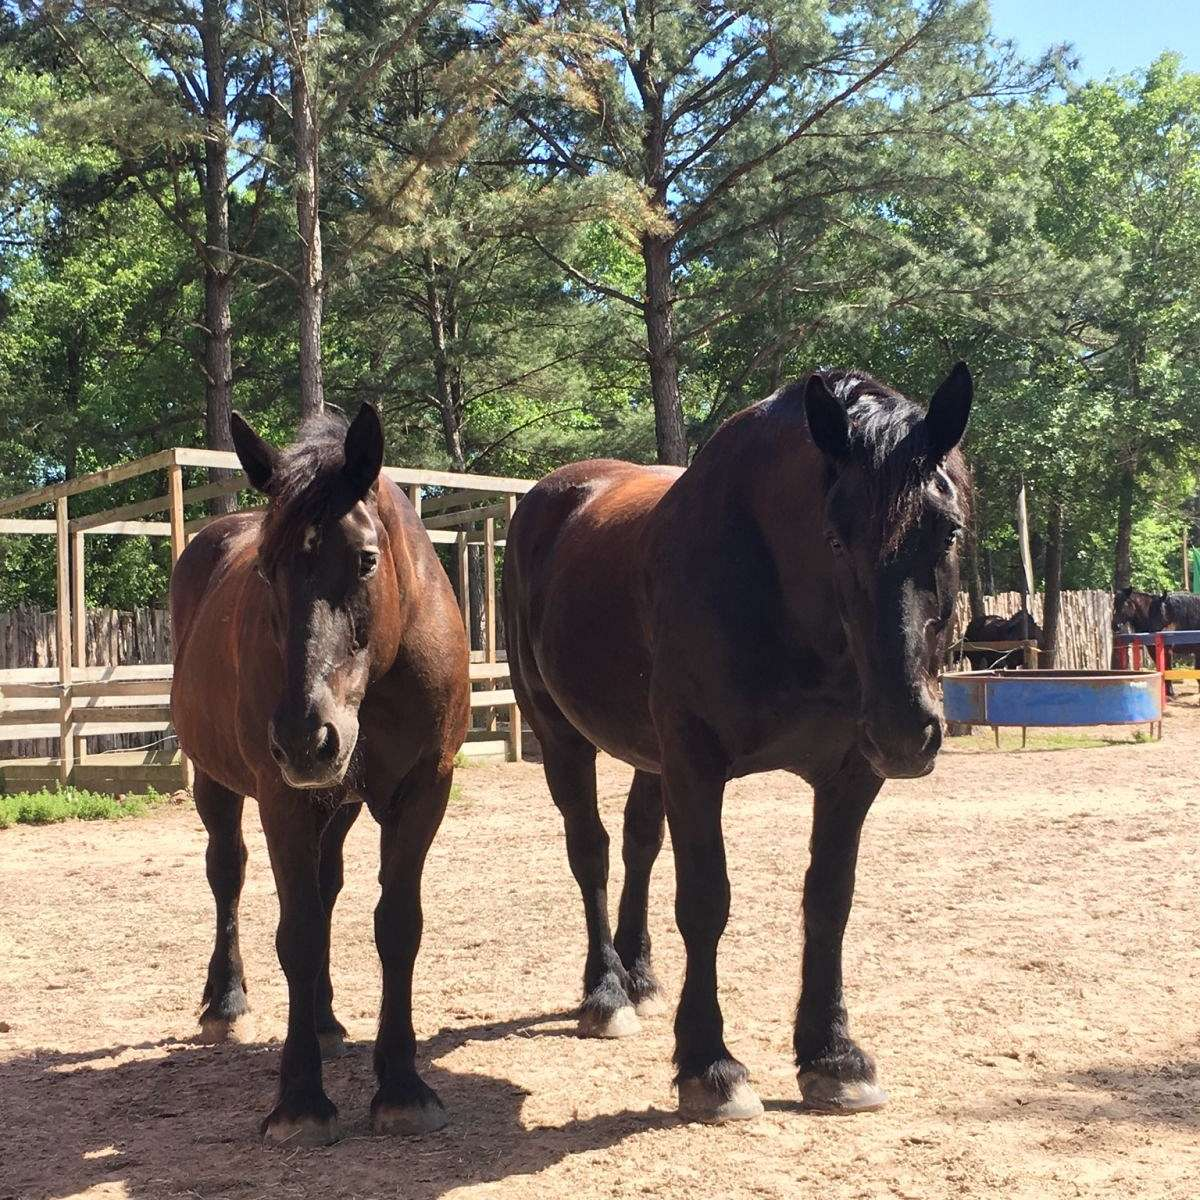 Knights Landing Equestrian Center